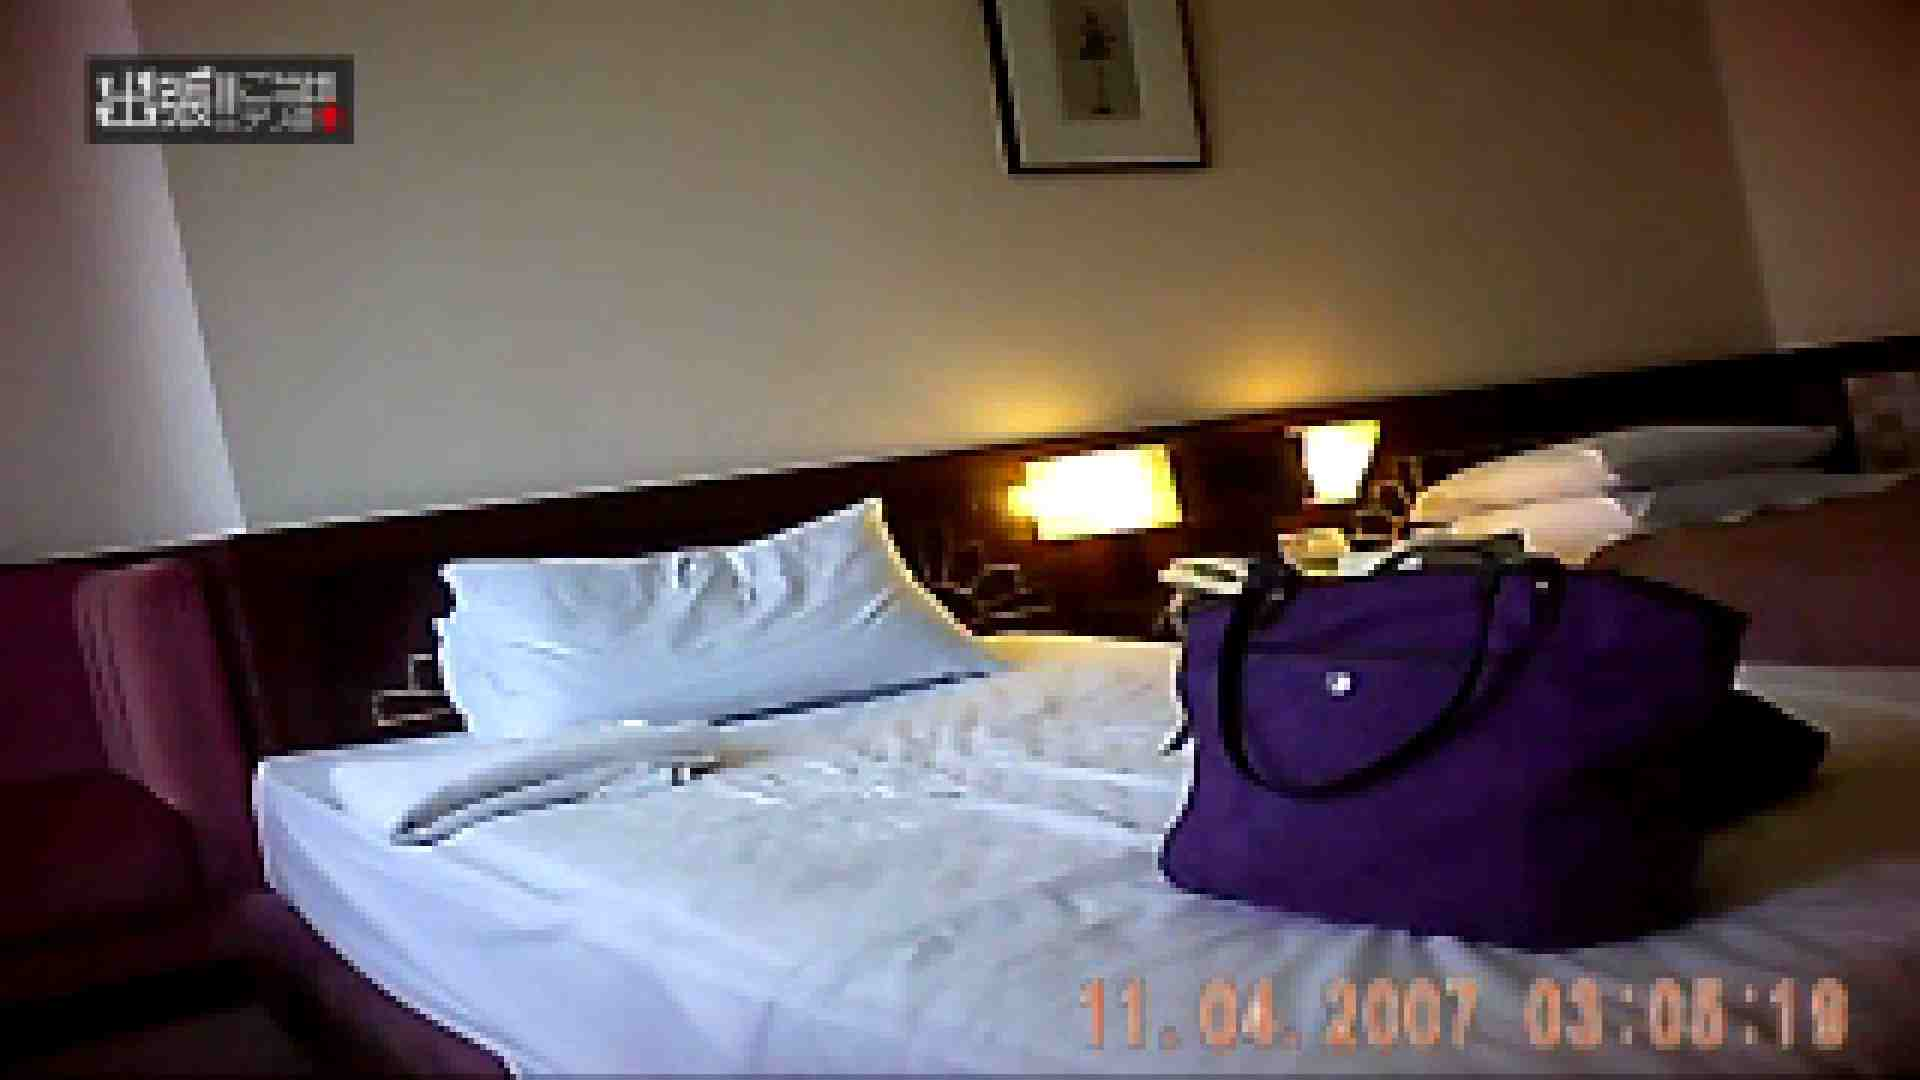 出張リーマンのデリ嬢隠し撮り第2弾 セックス映像 えろ無修正画像 82pic 34